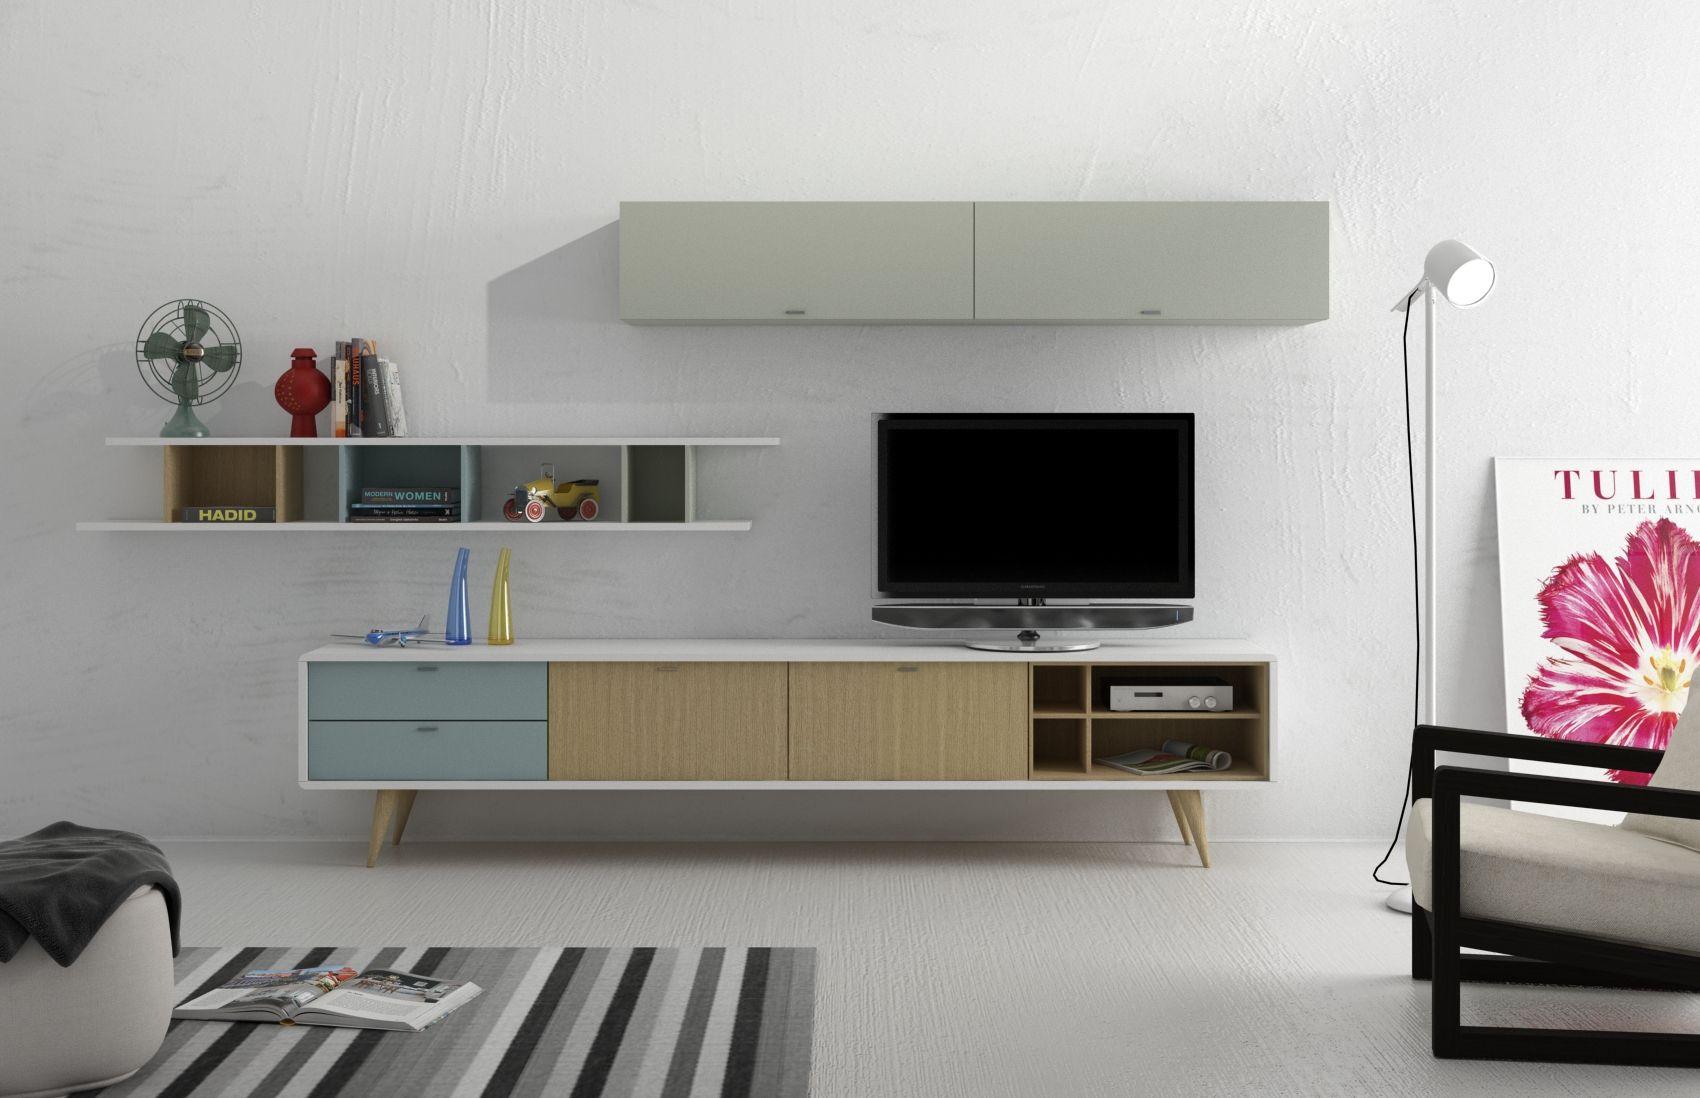 Muebles Nordicos - Mueble Nordico Predomina El Color Blanco Siempre Acompa Ado De [mjhdah]https://i.pinimg.com/originals/26/9d/75/269d755a1e9dd5fbe2c9d40e5e70f61c.jpg